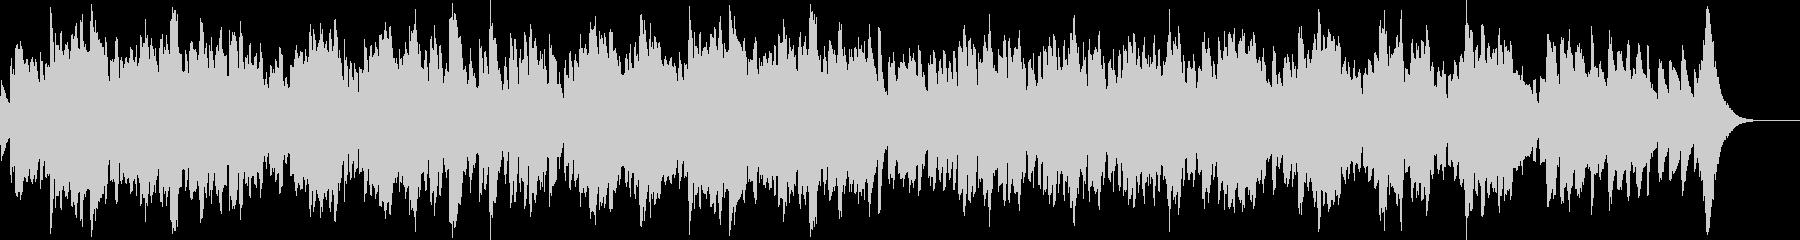 オルゴール音色のヒーリング音楽の未再生の波形